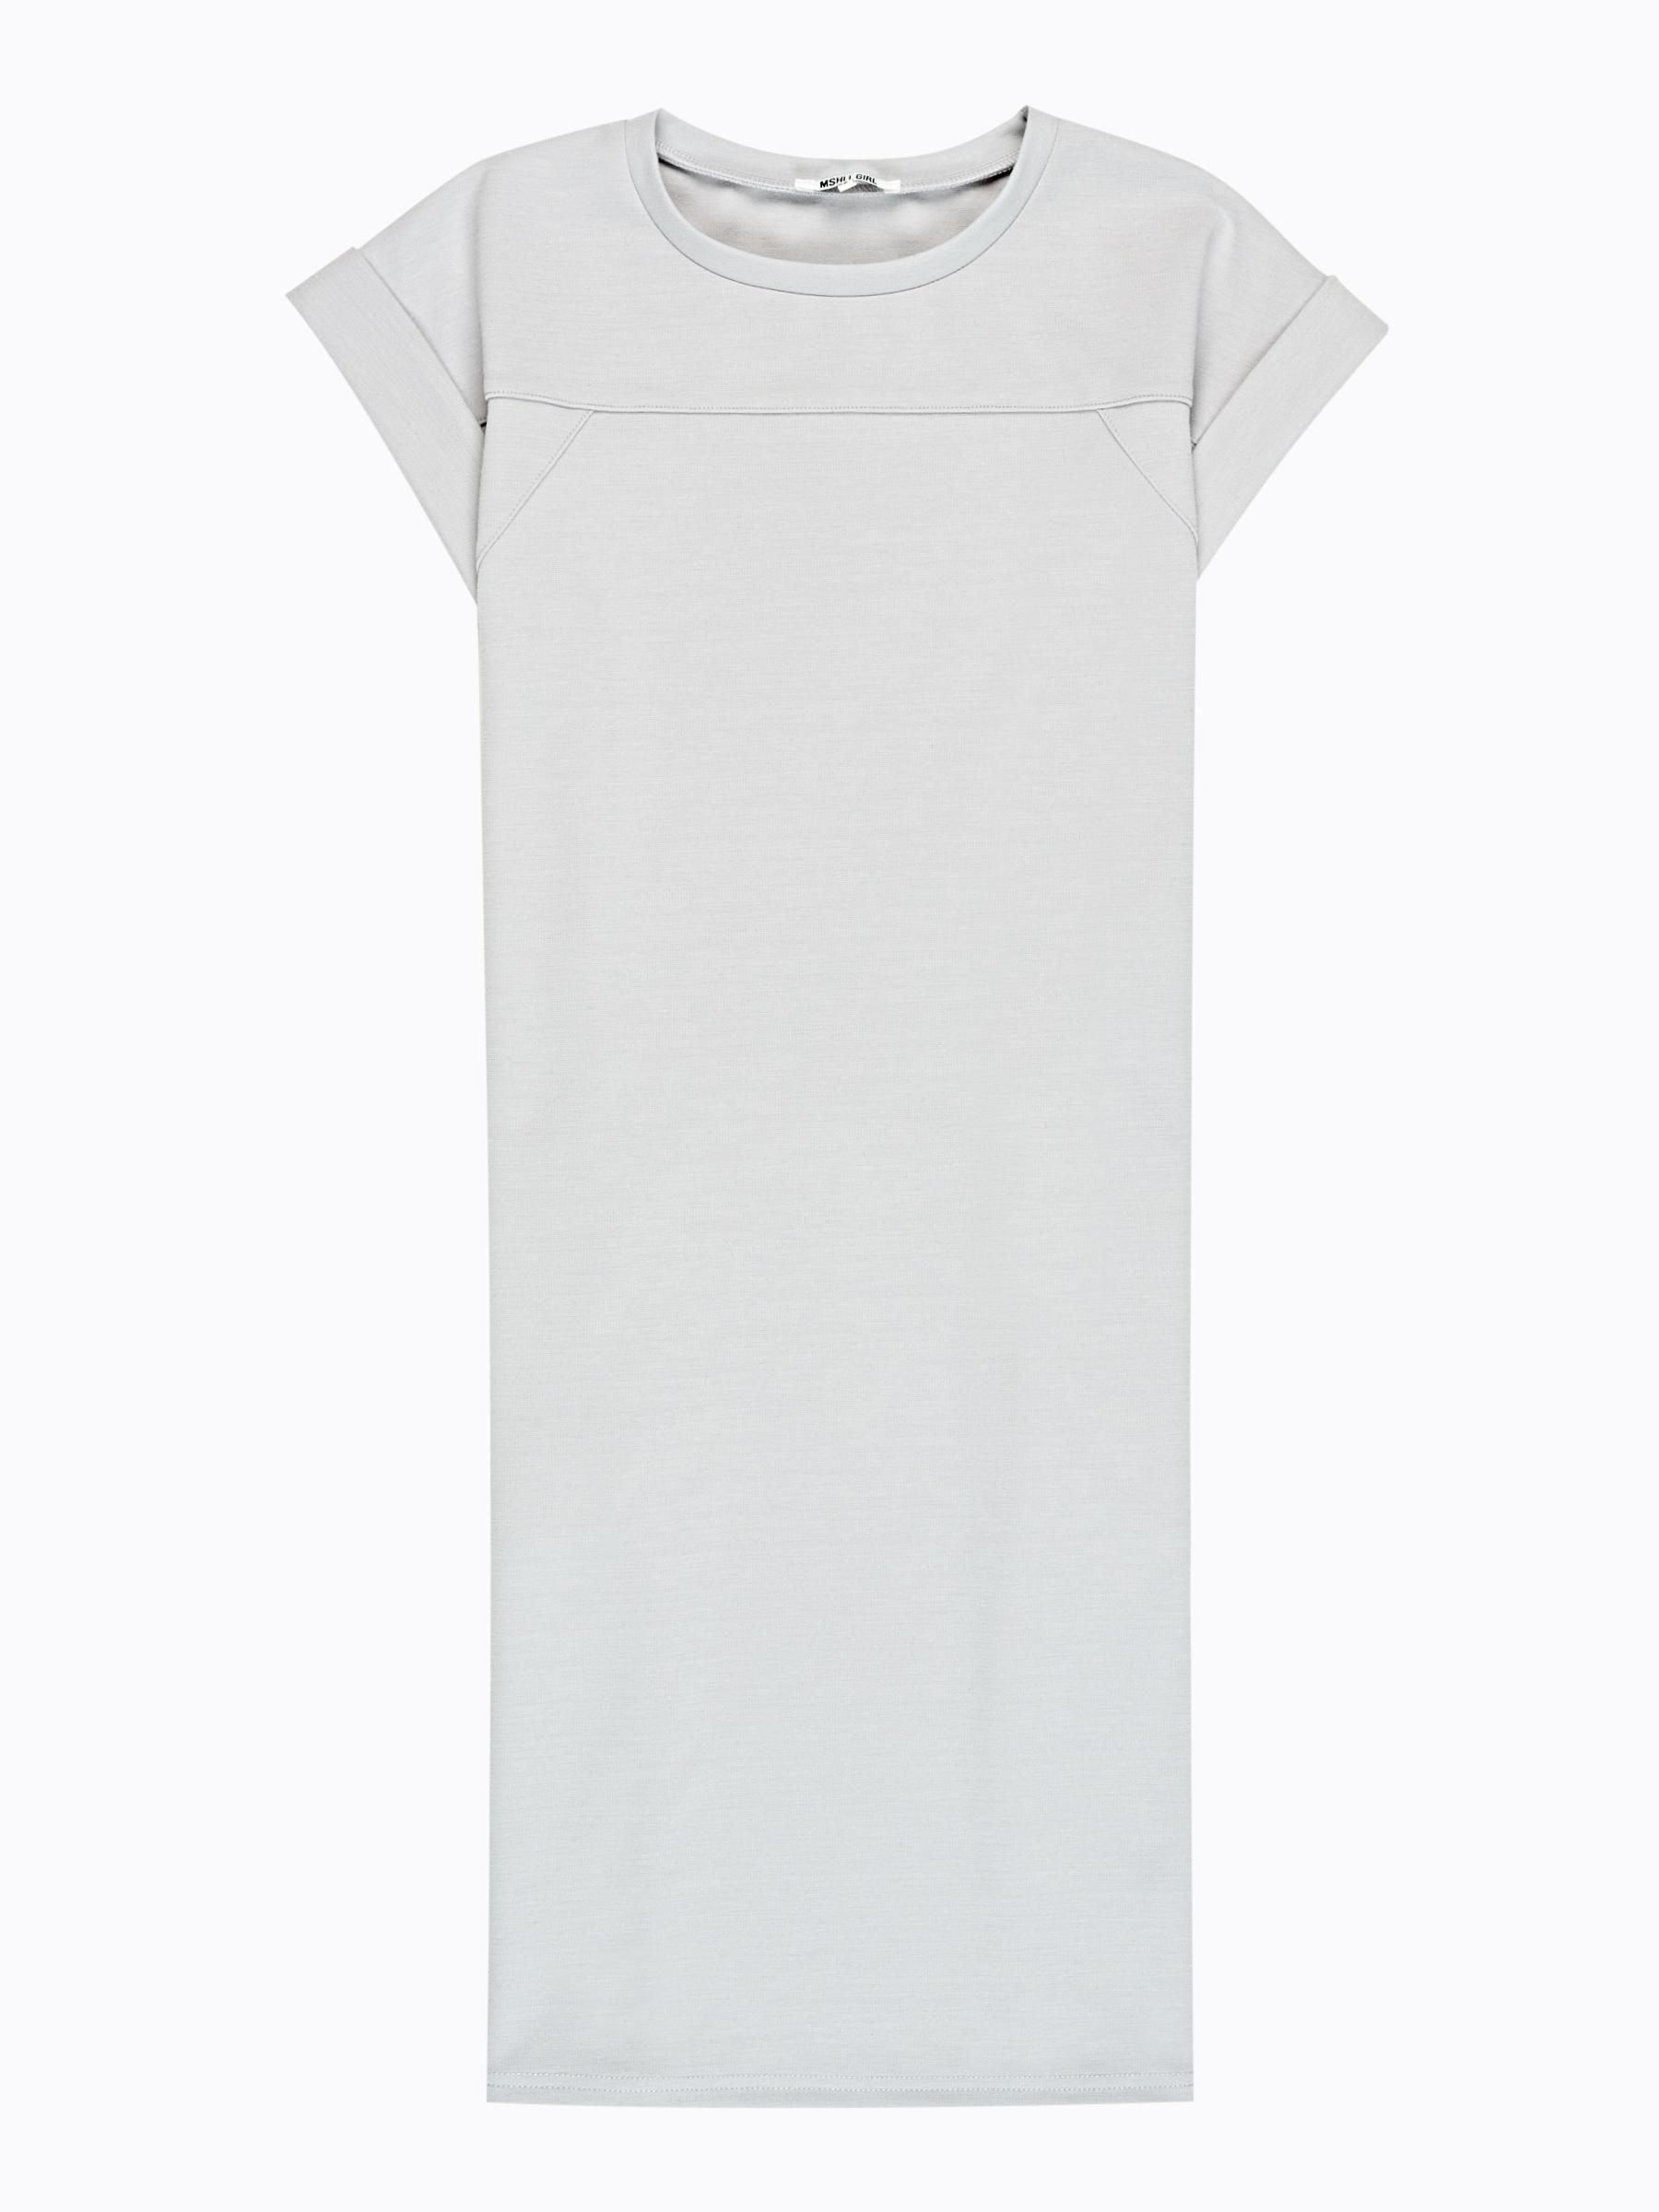 GATE Tričkové šaty s bočními kapsami